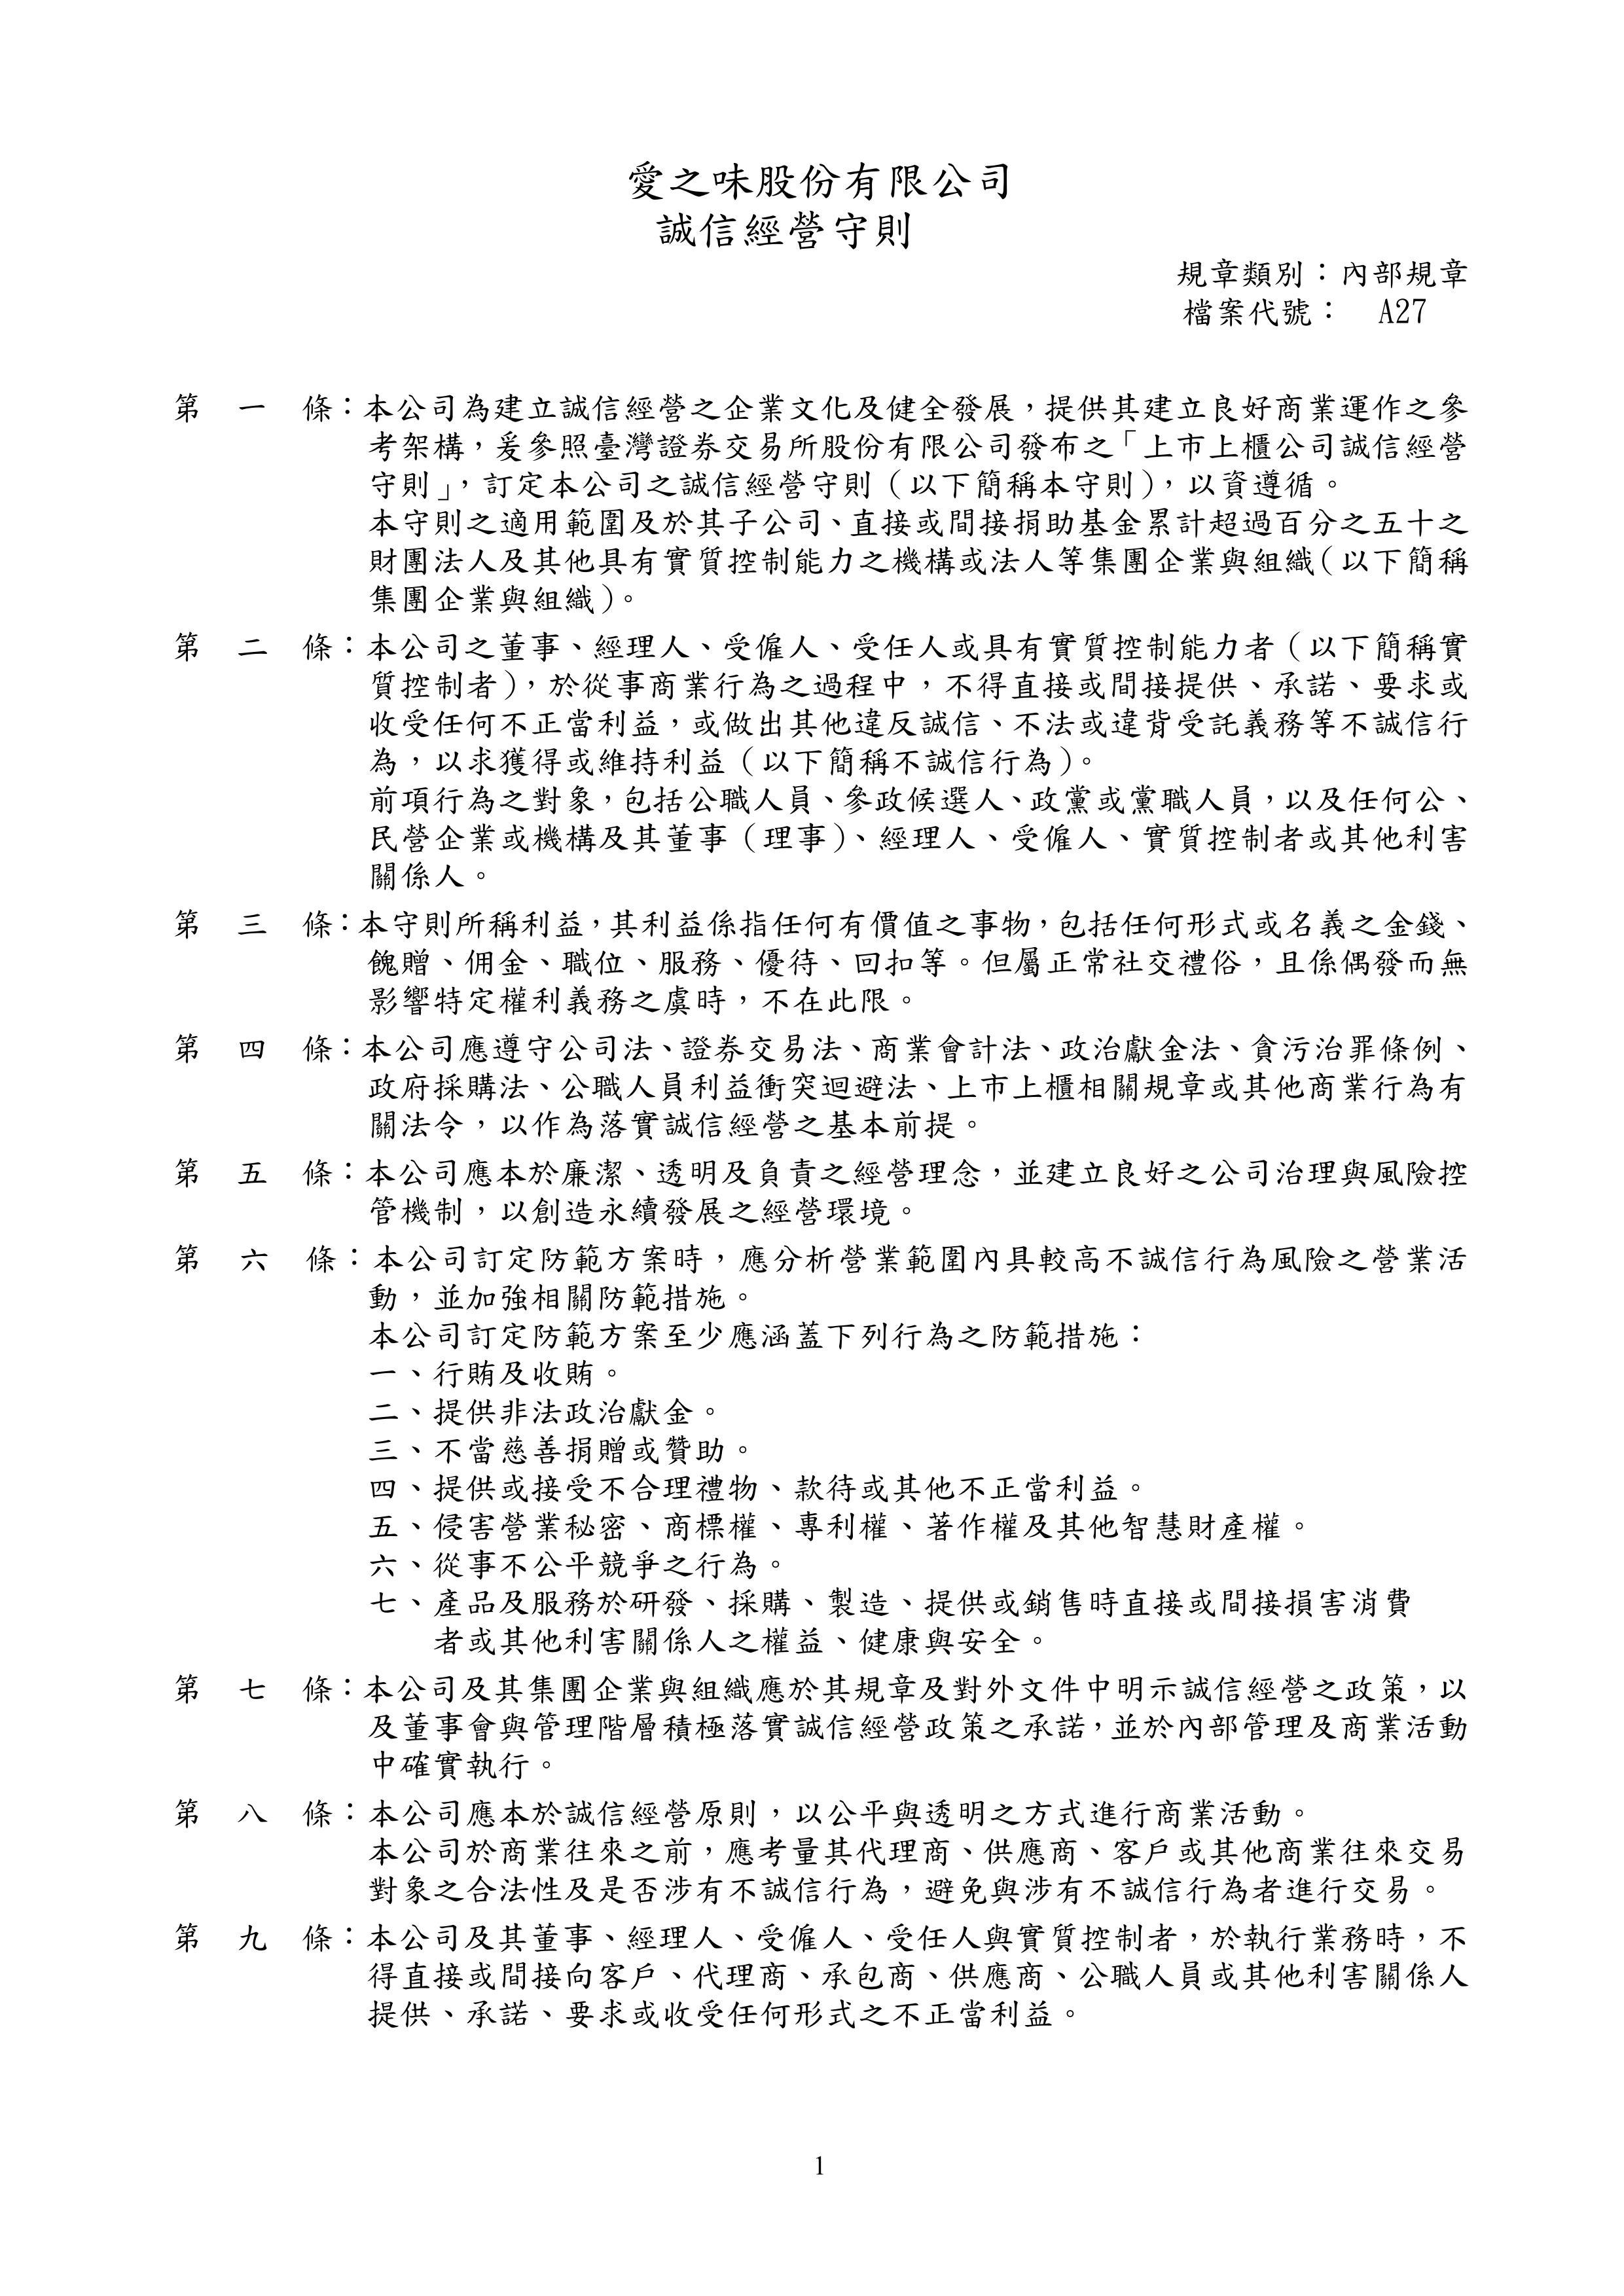 誠信經營守則情形 01